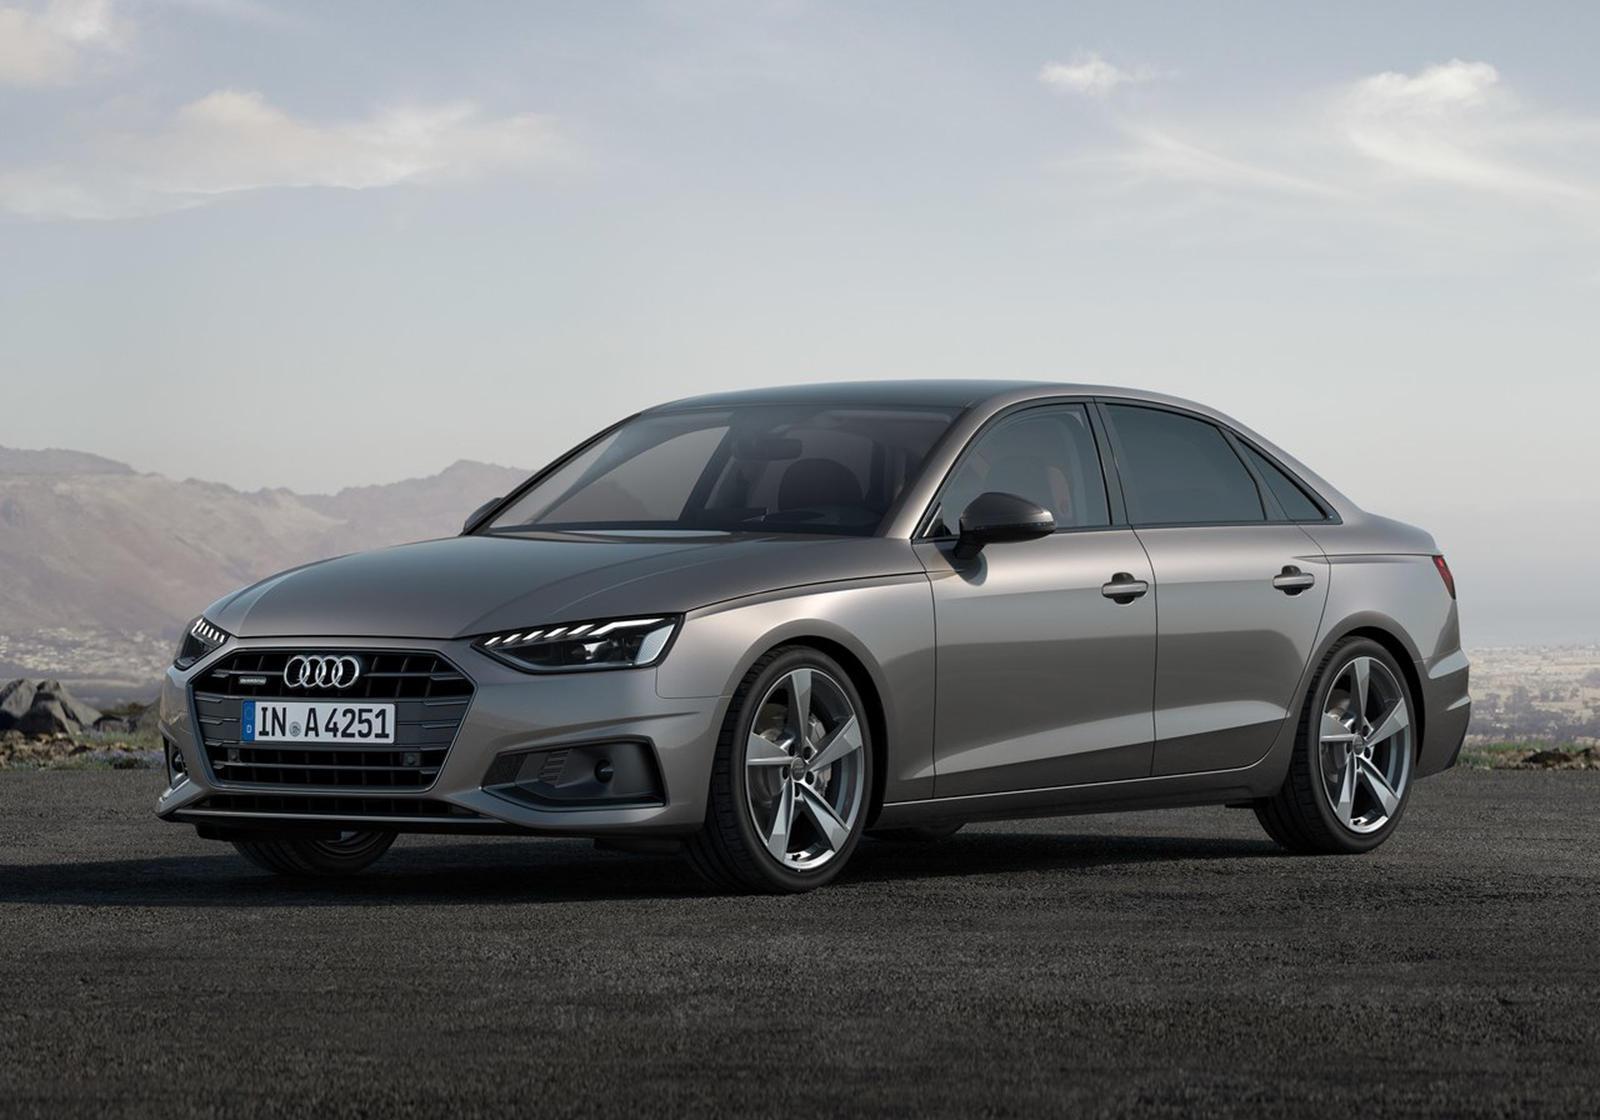 Kelebihan Kekurangan Audi A4 Tangguh